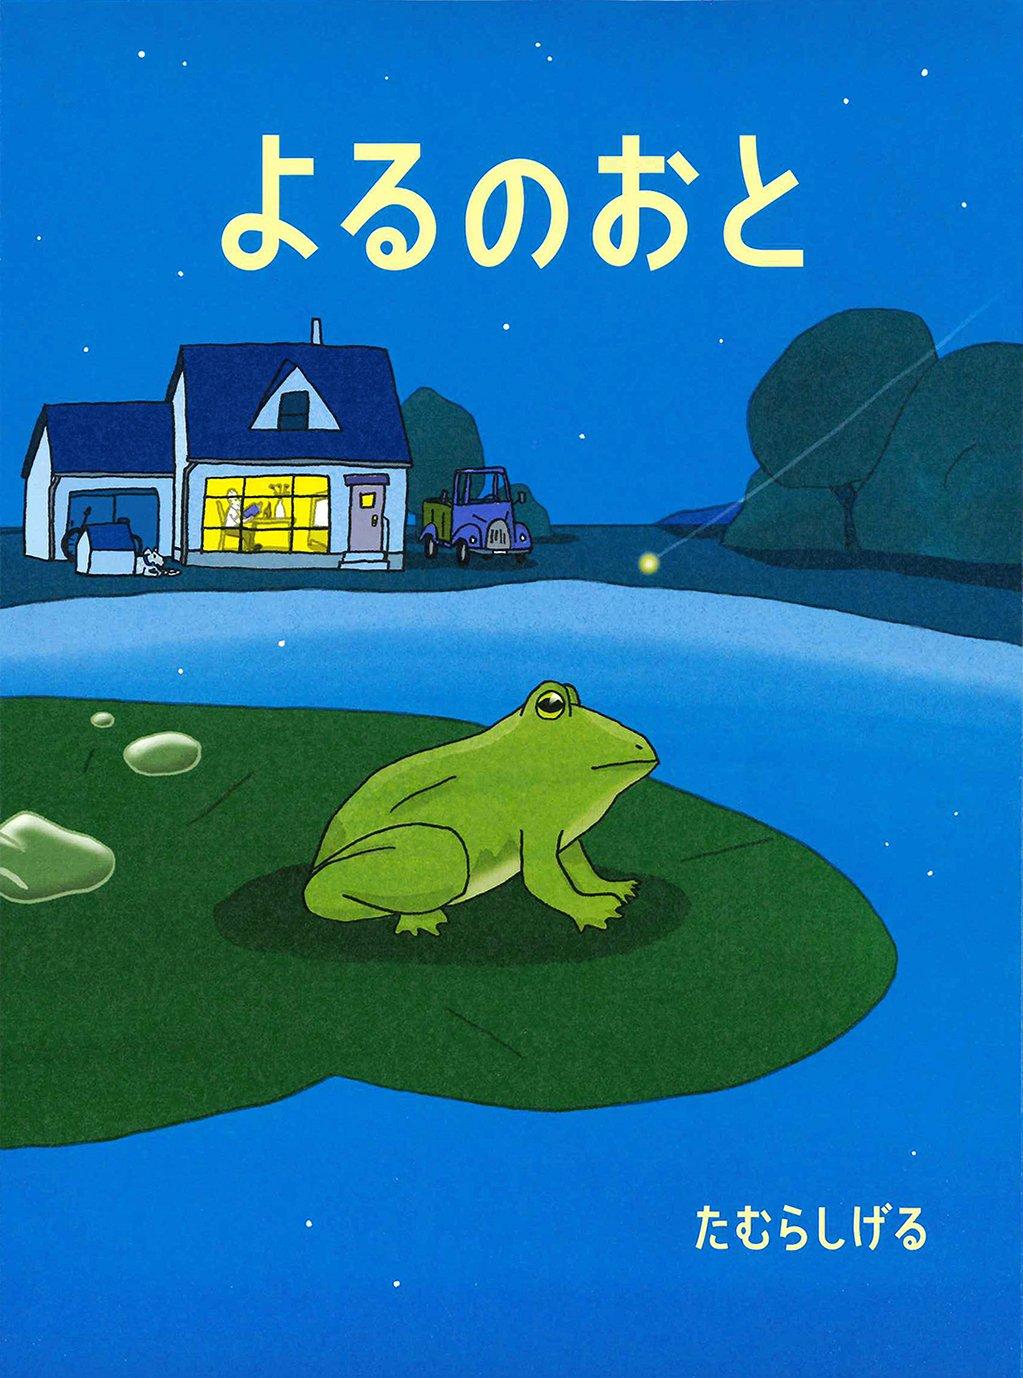 梅雨シーズンに大人に贈りたいカエル絵本とは…